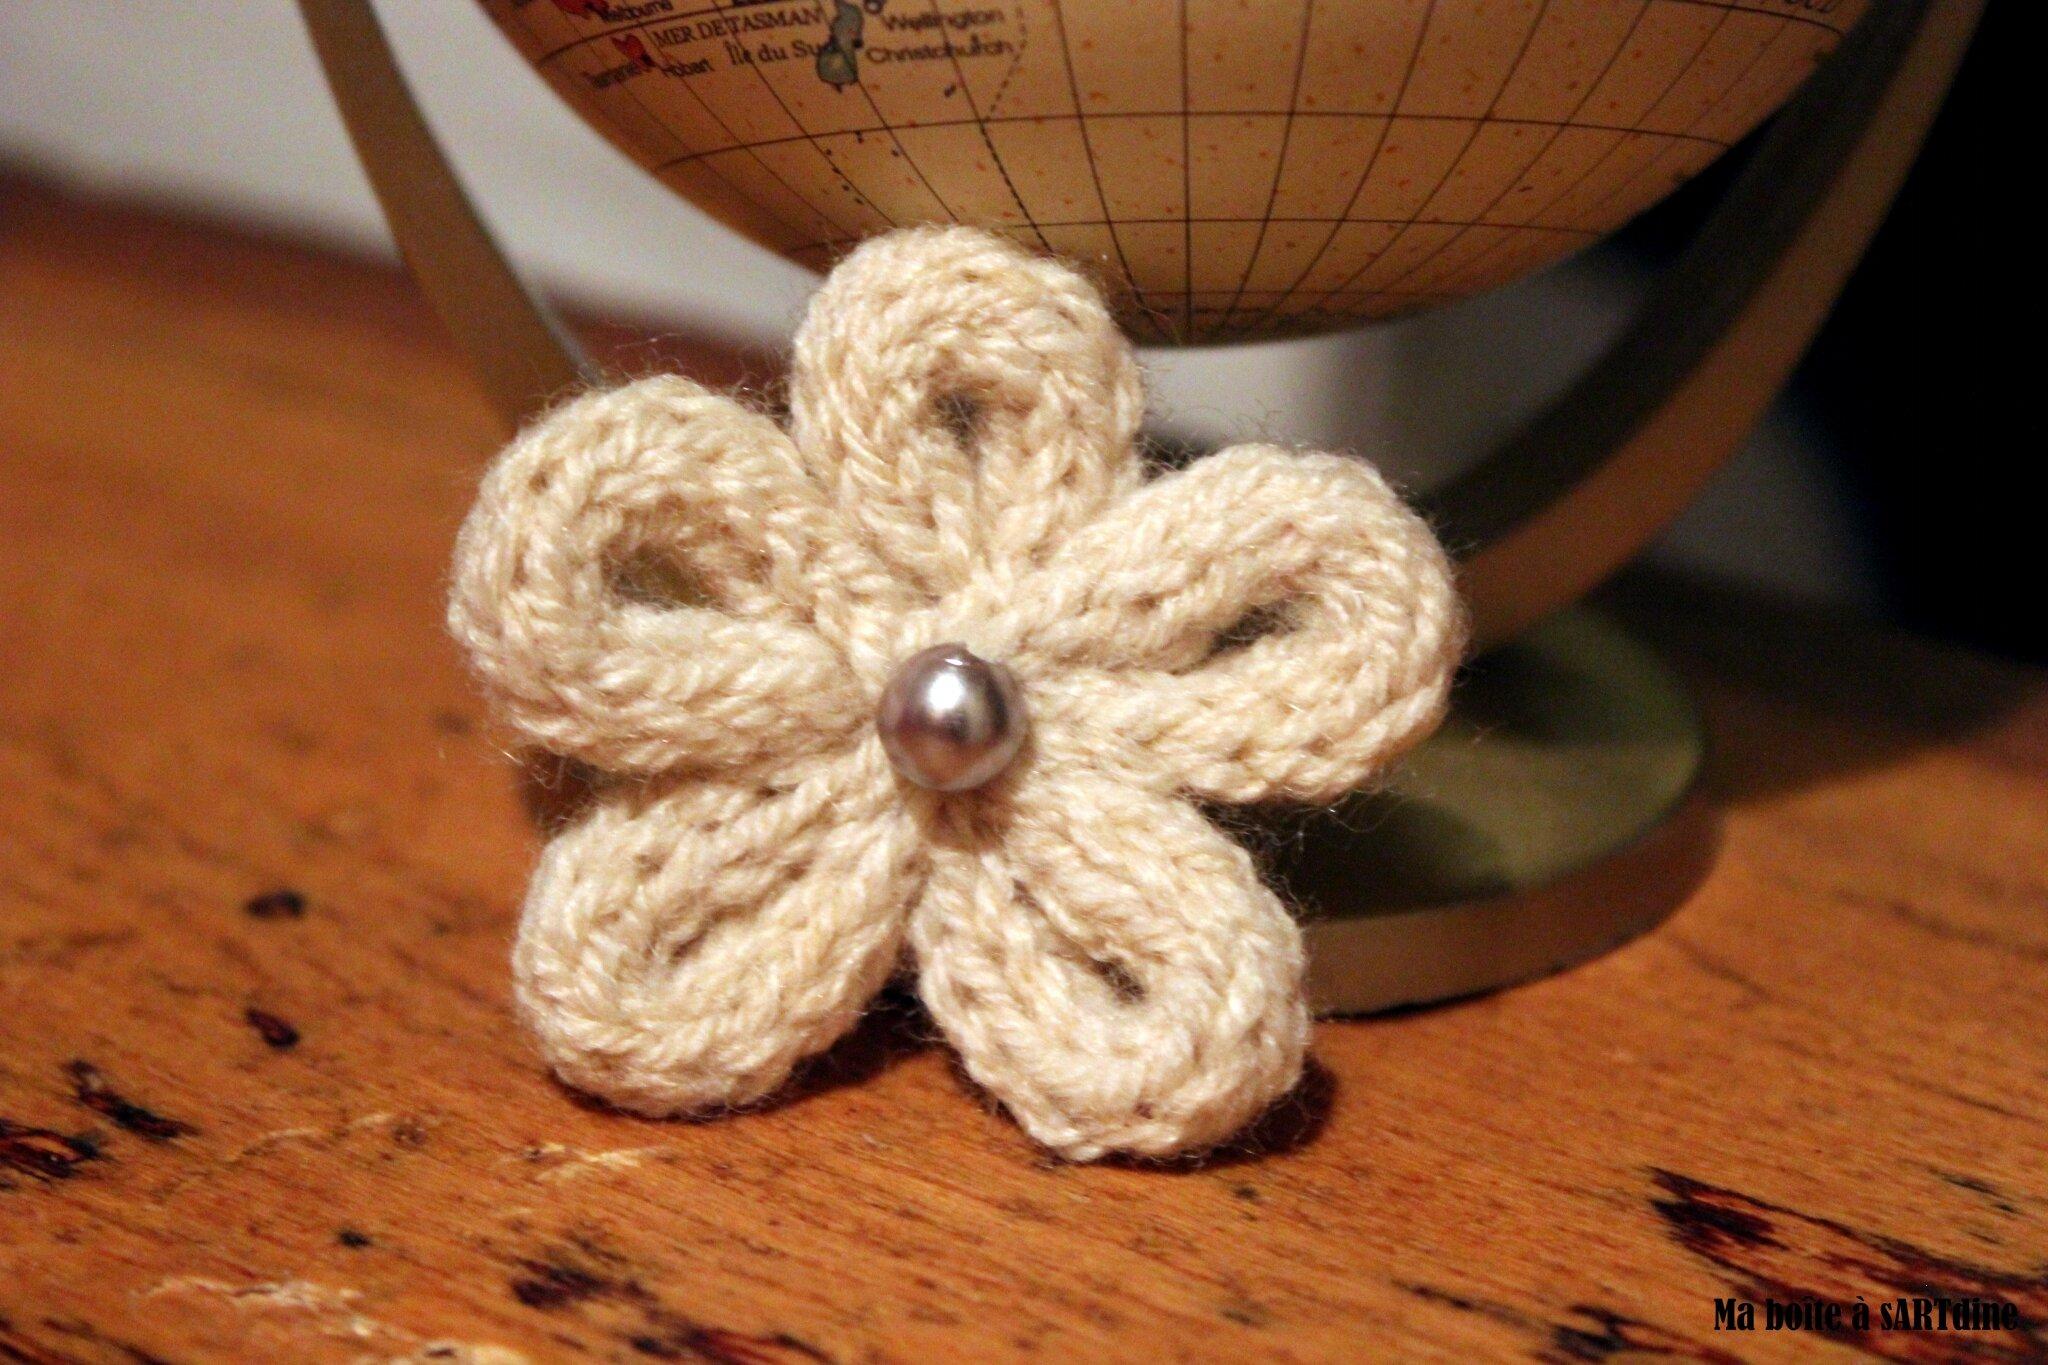 broche blanche photo de tricoti tricota et tricotin ma bo te a sartdine. Black Bedroom Furniture Sets. Home Design Ideas